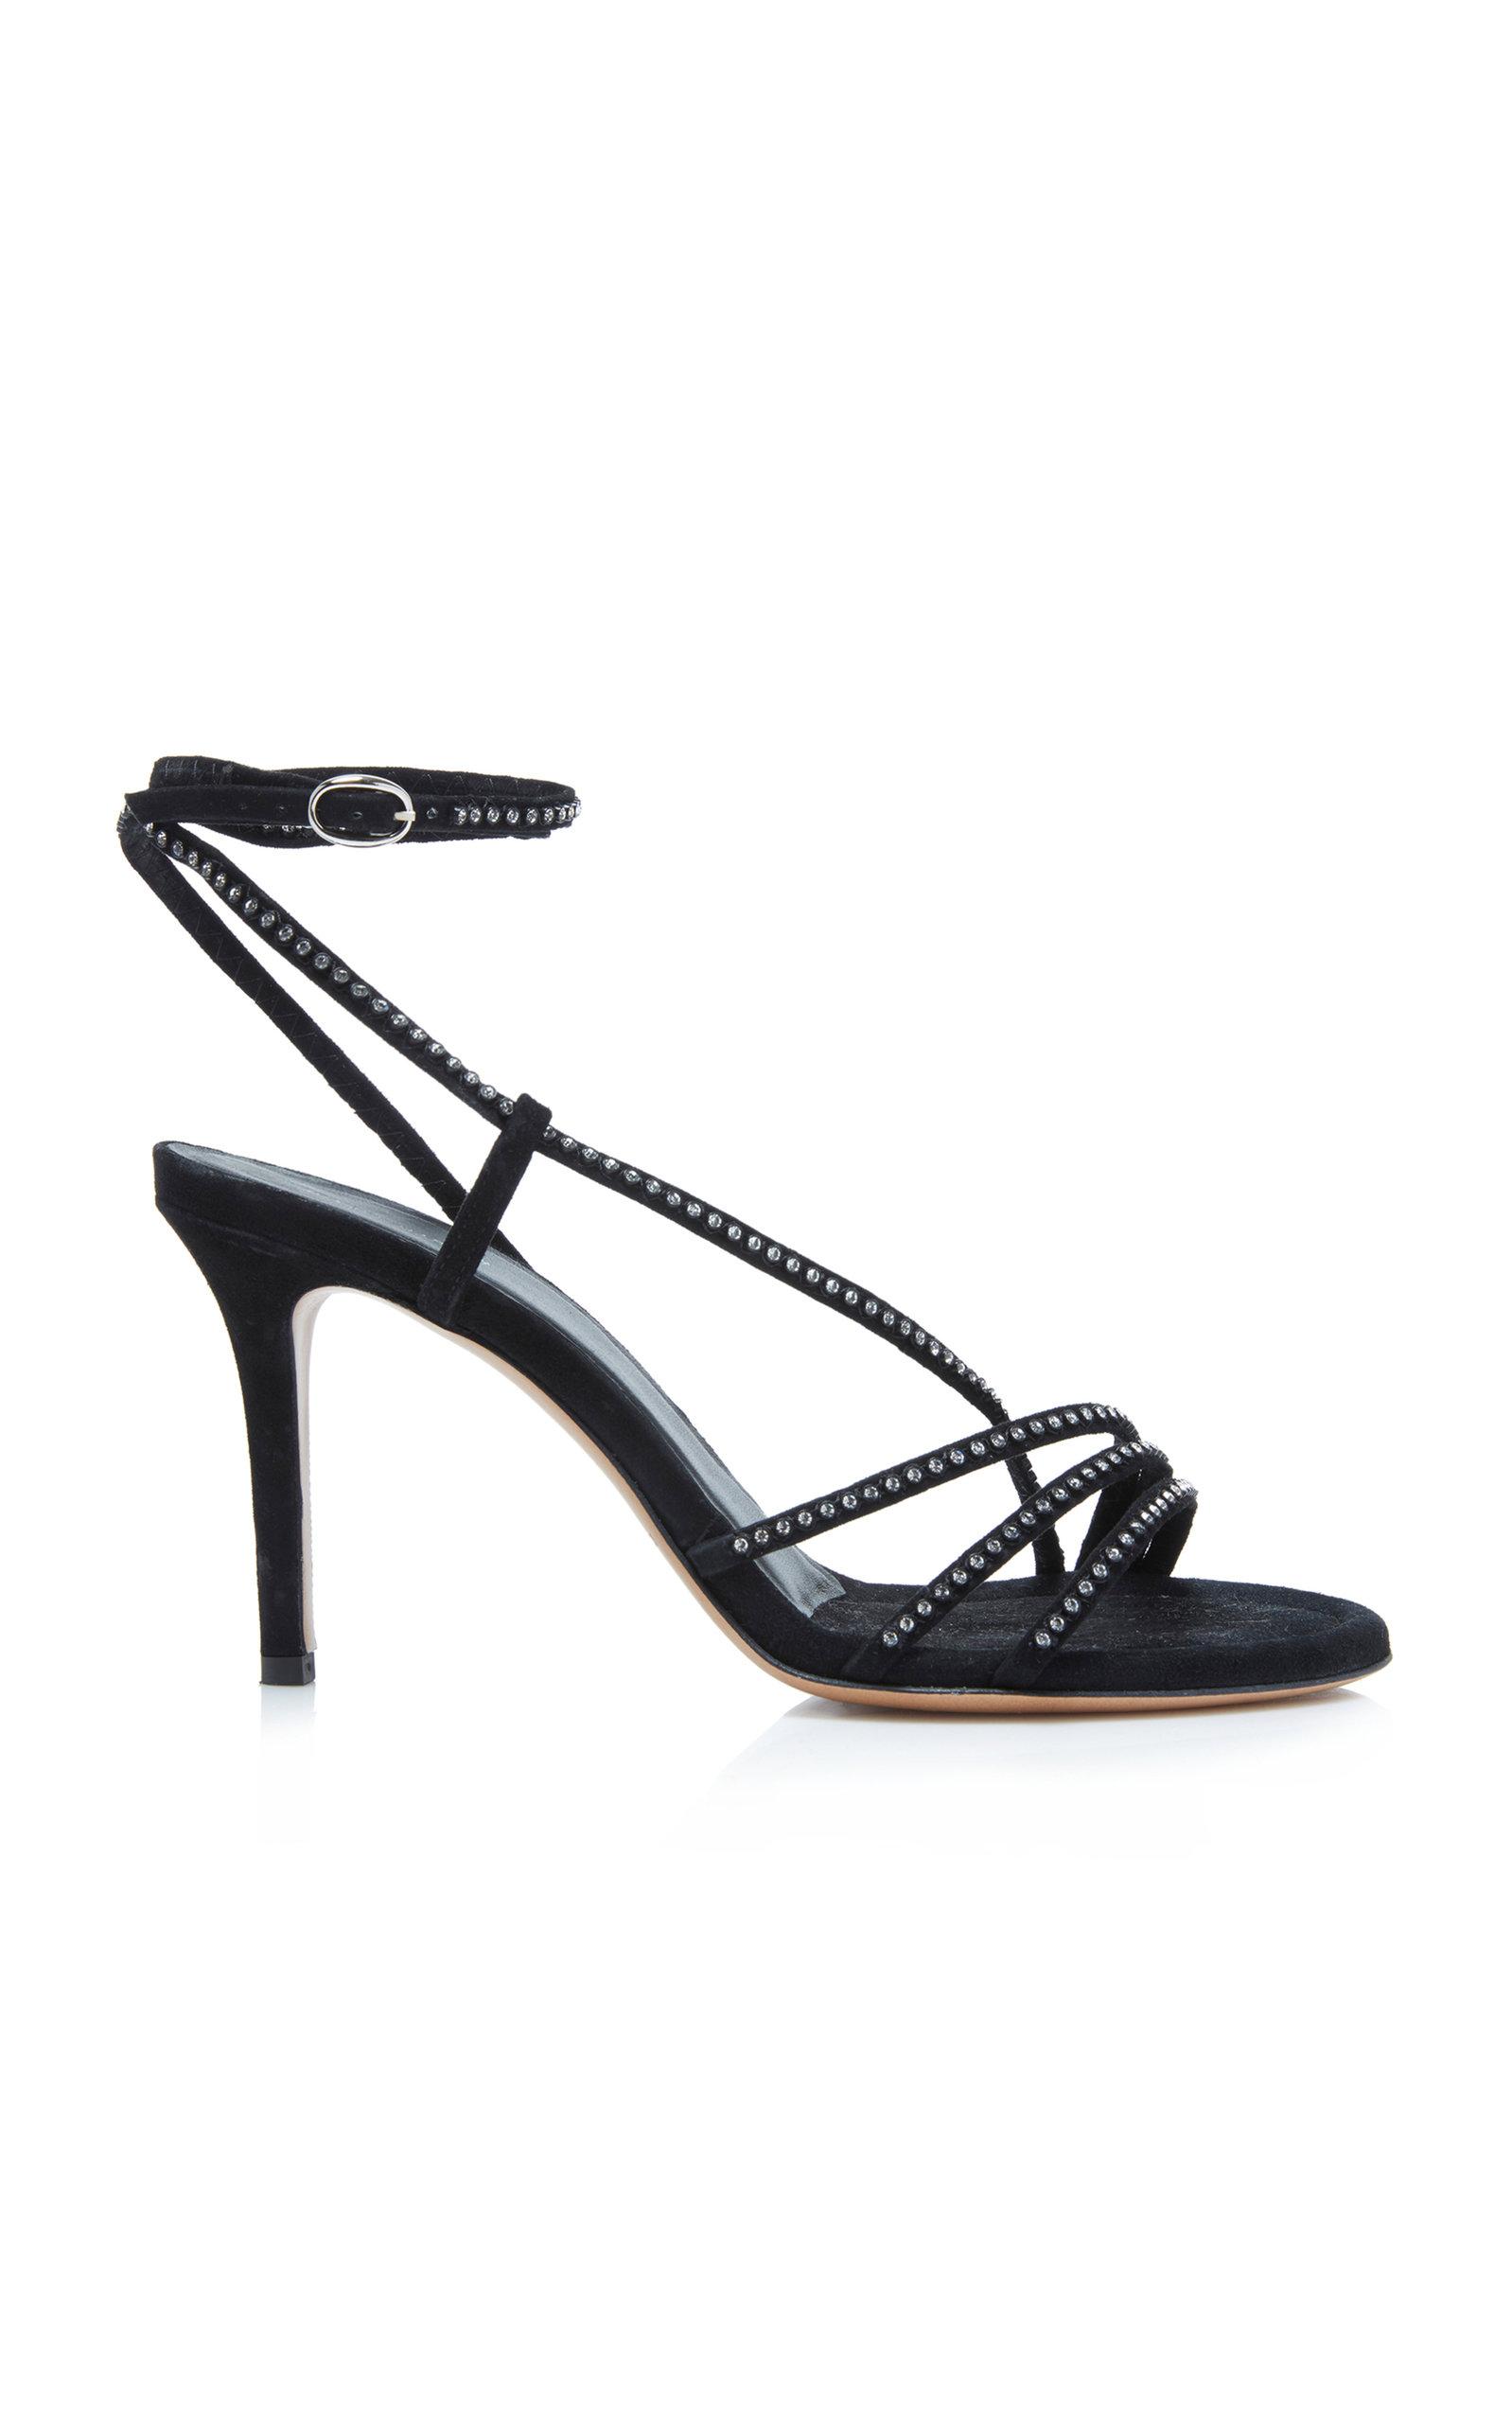 Amspee Crystal-Embellished Suede Sandals in Black